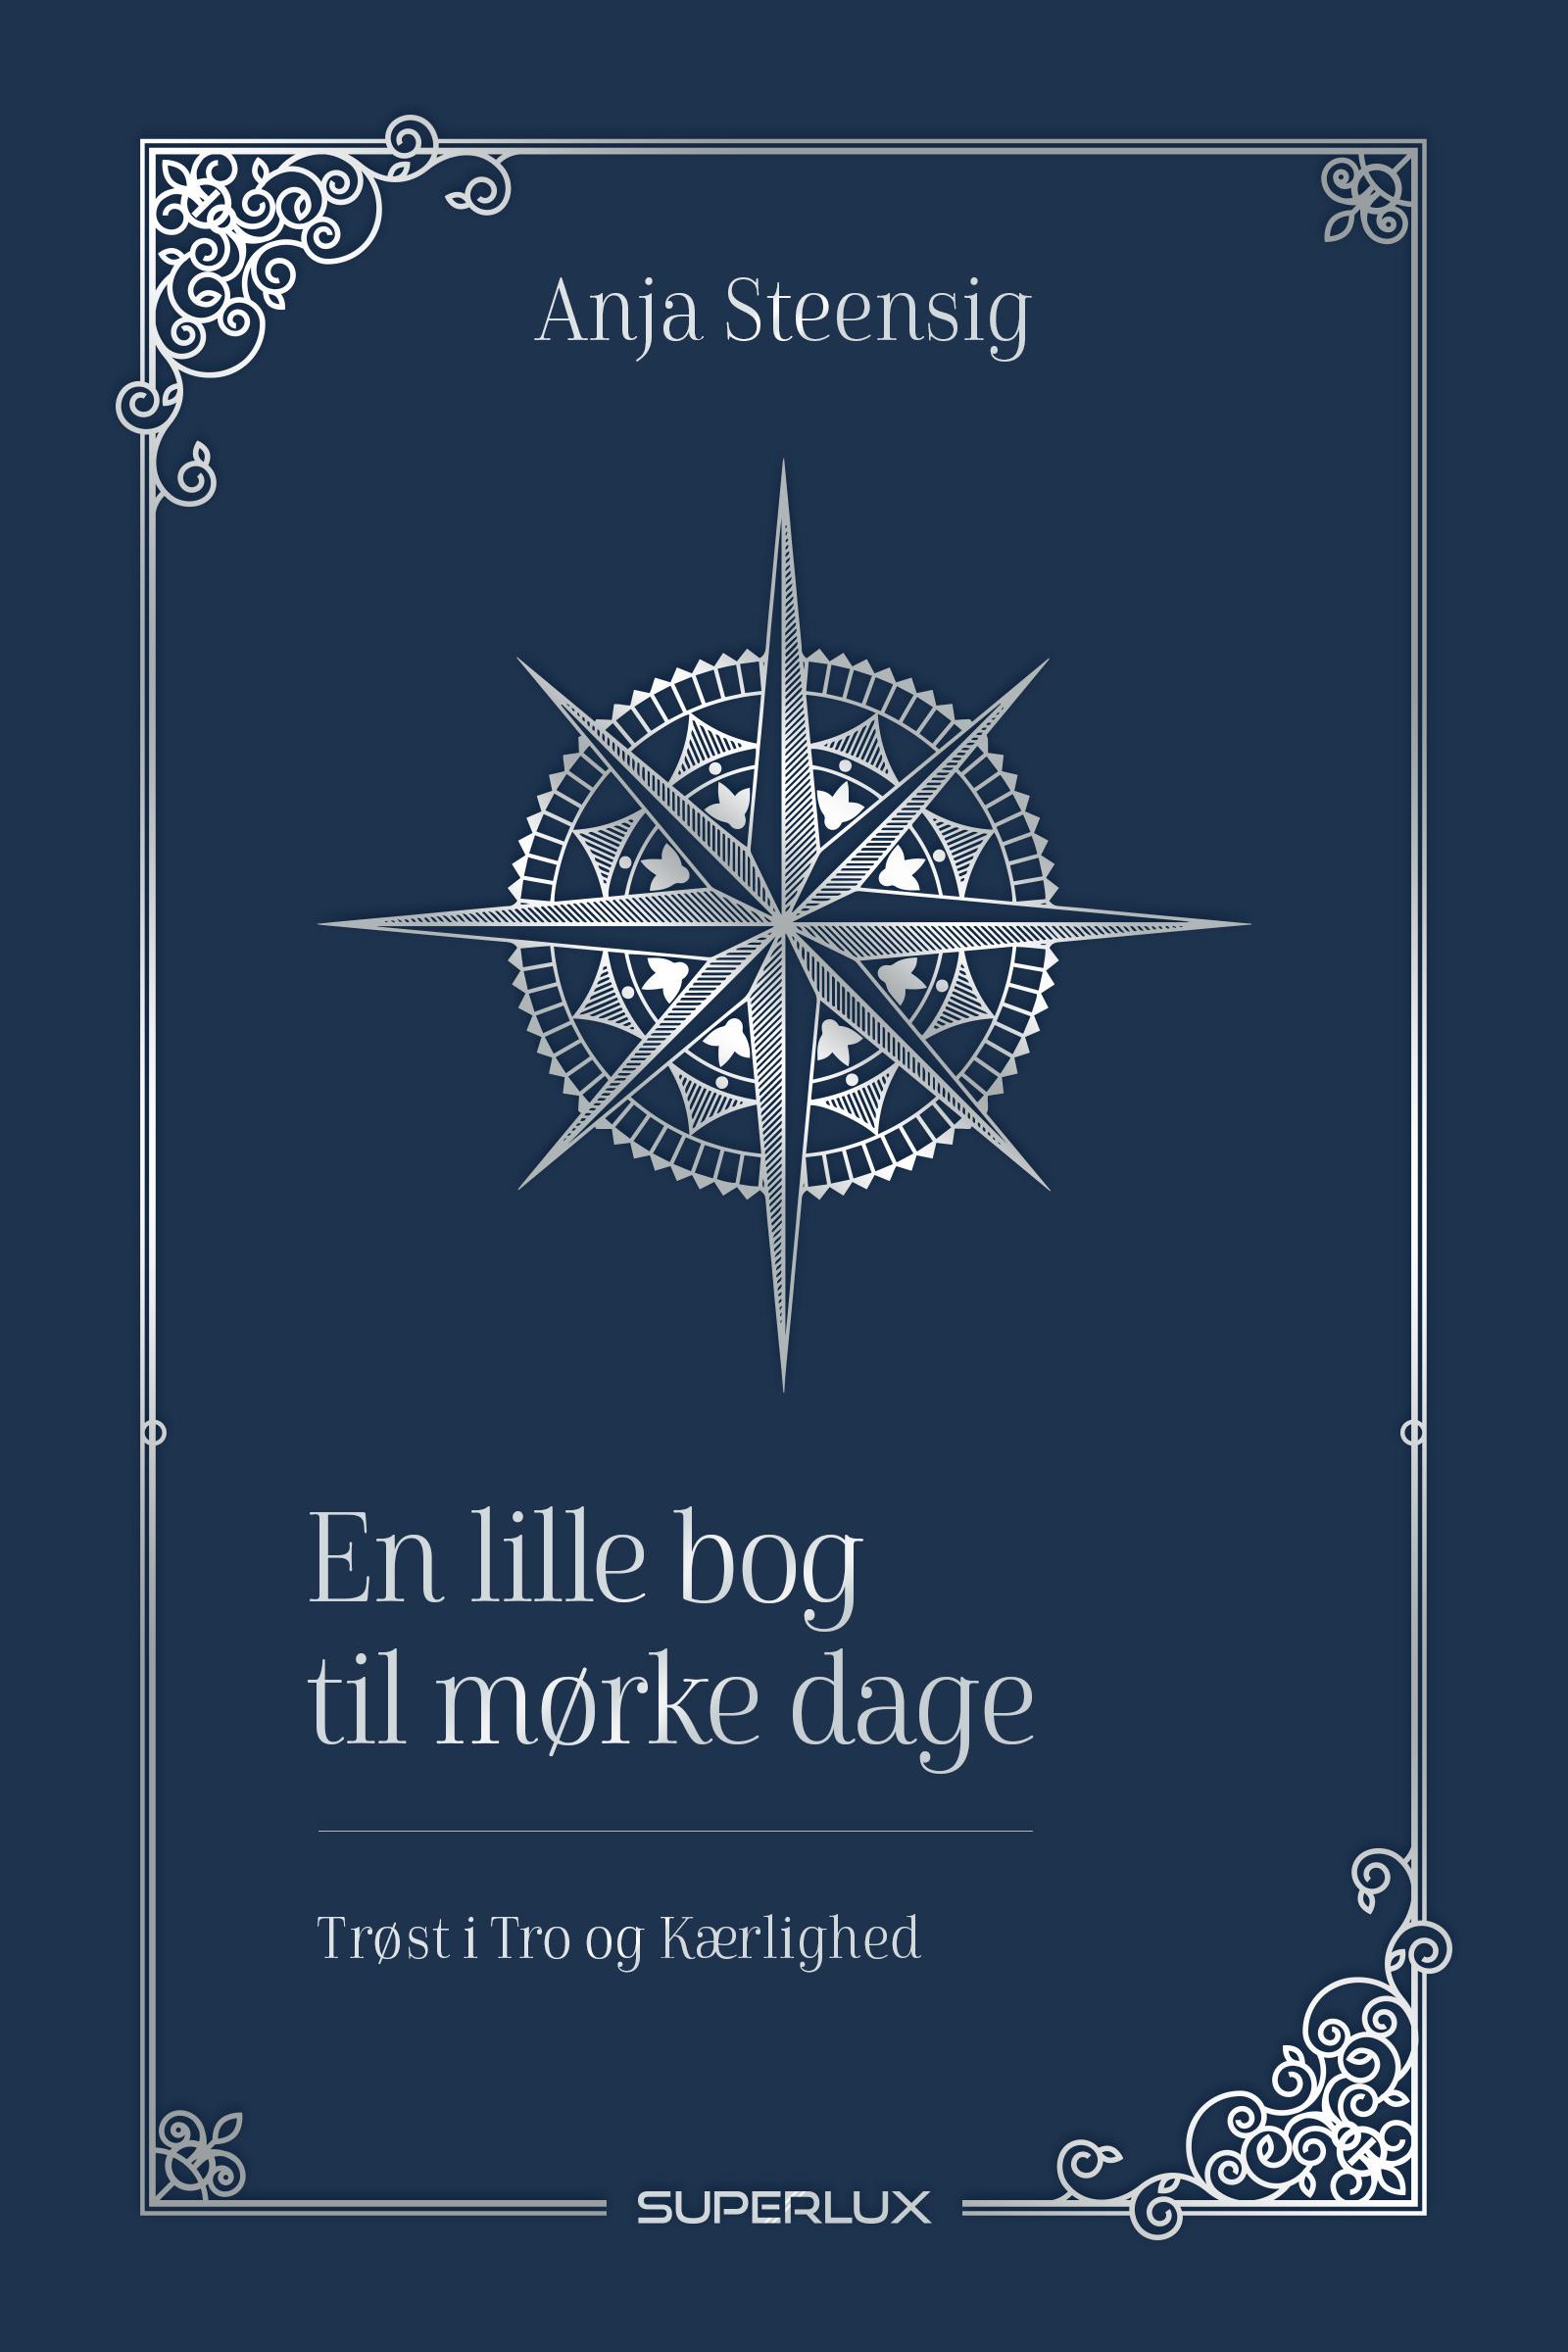 En lille bog til mørke dage - Anja Steensig - Bøger - Superlux ApS - 9788793796492 - November 9, 2020